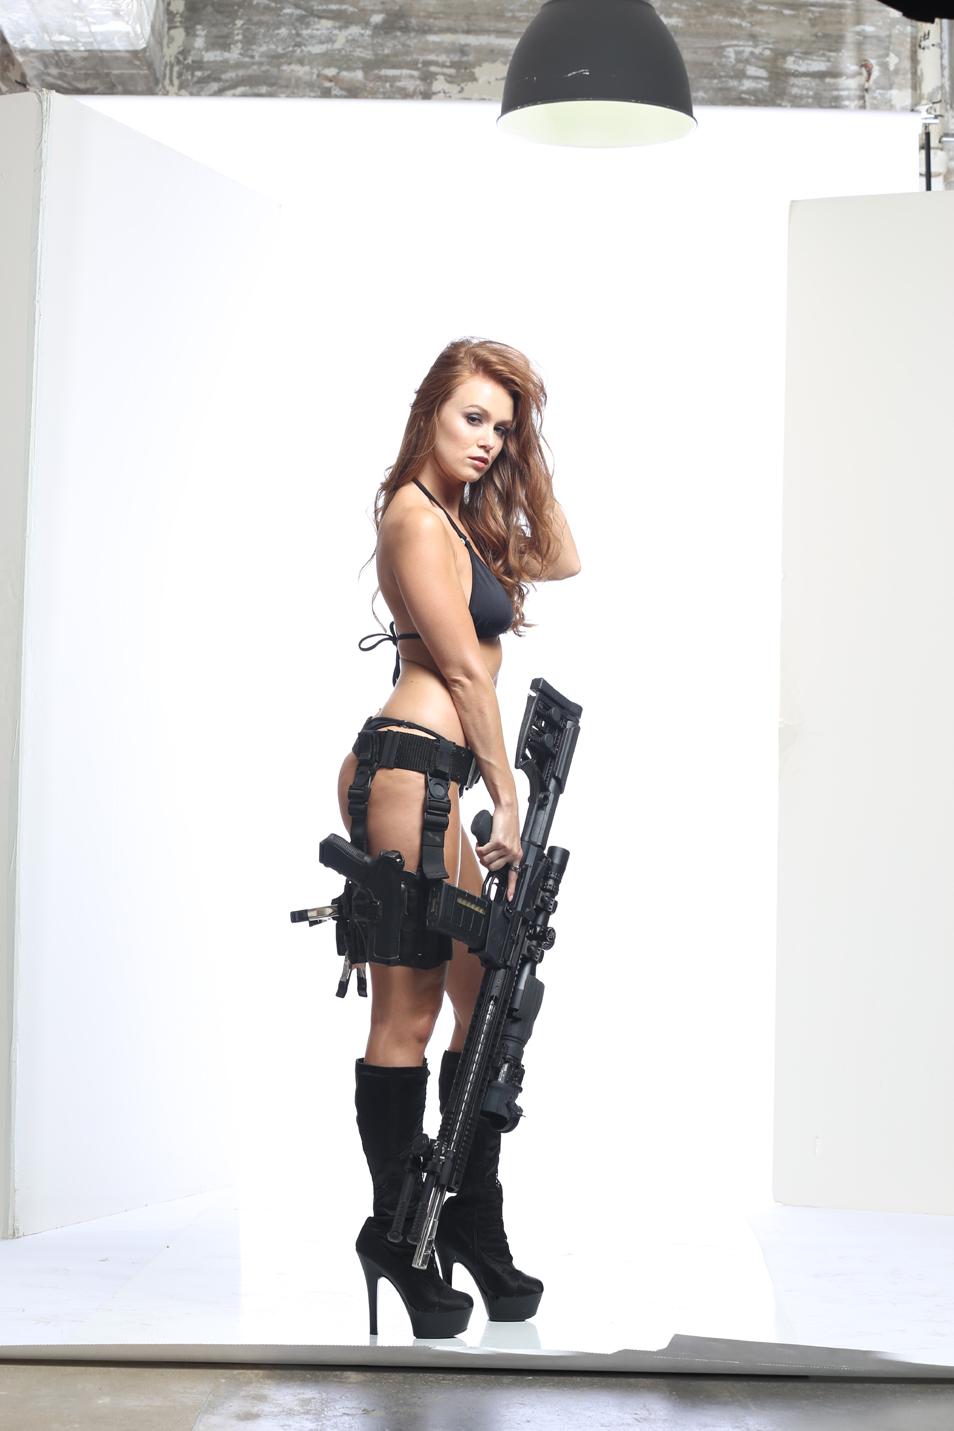 Leanna Decker with Radical Firearms